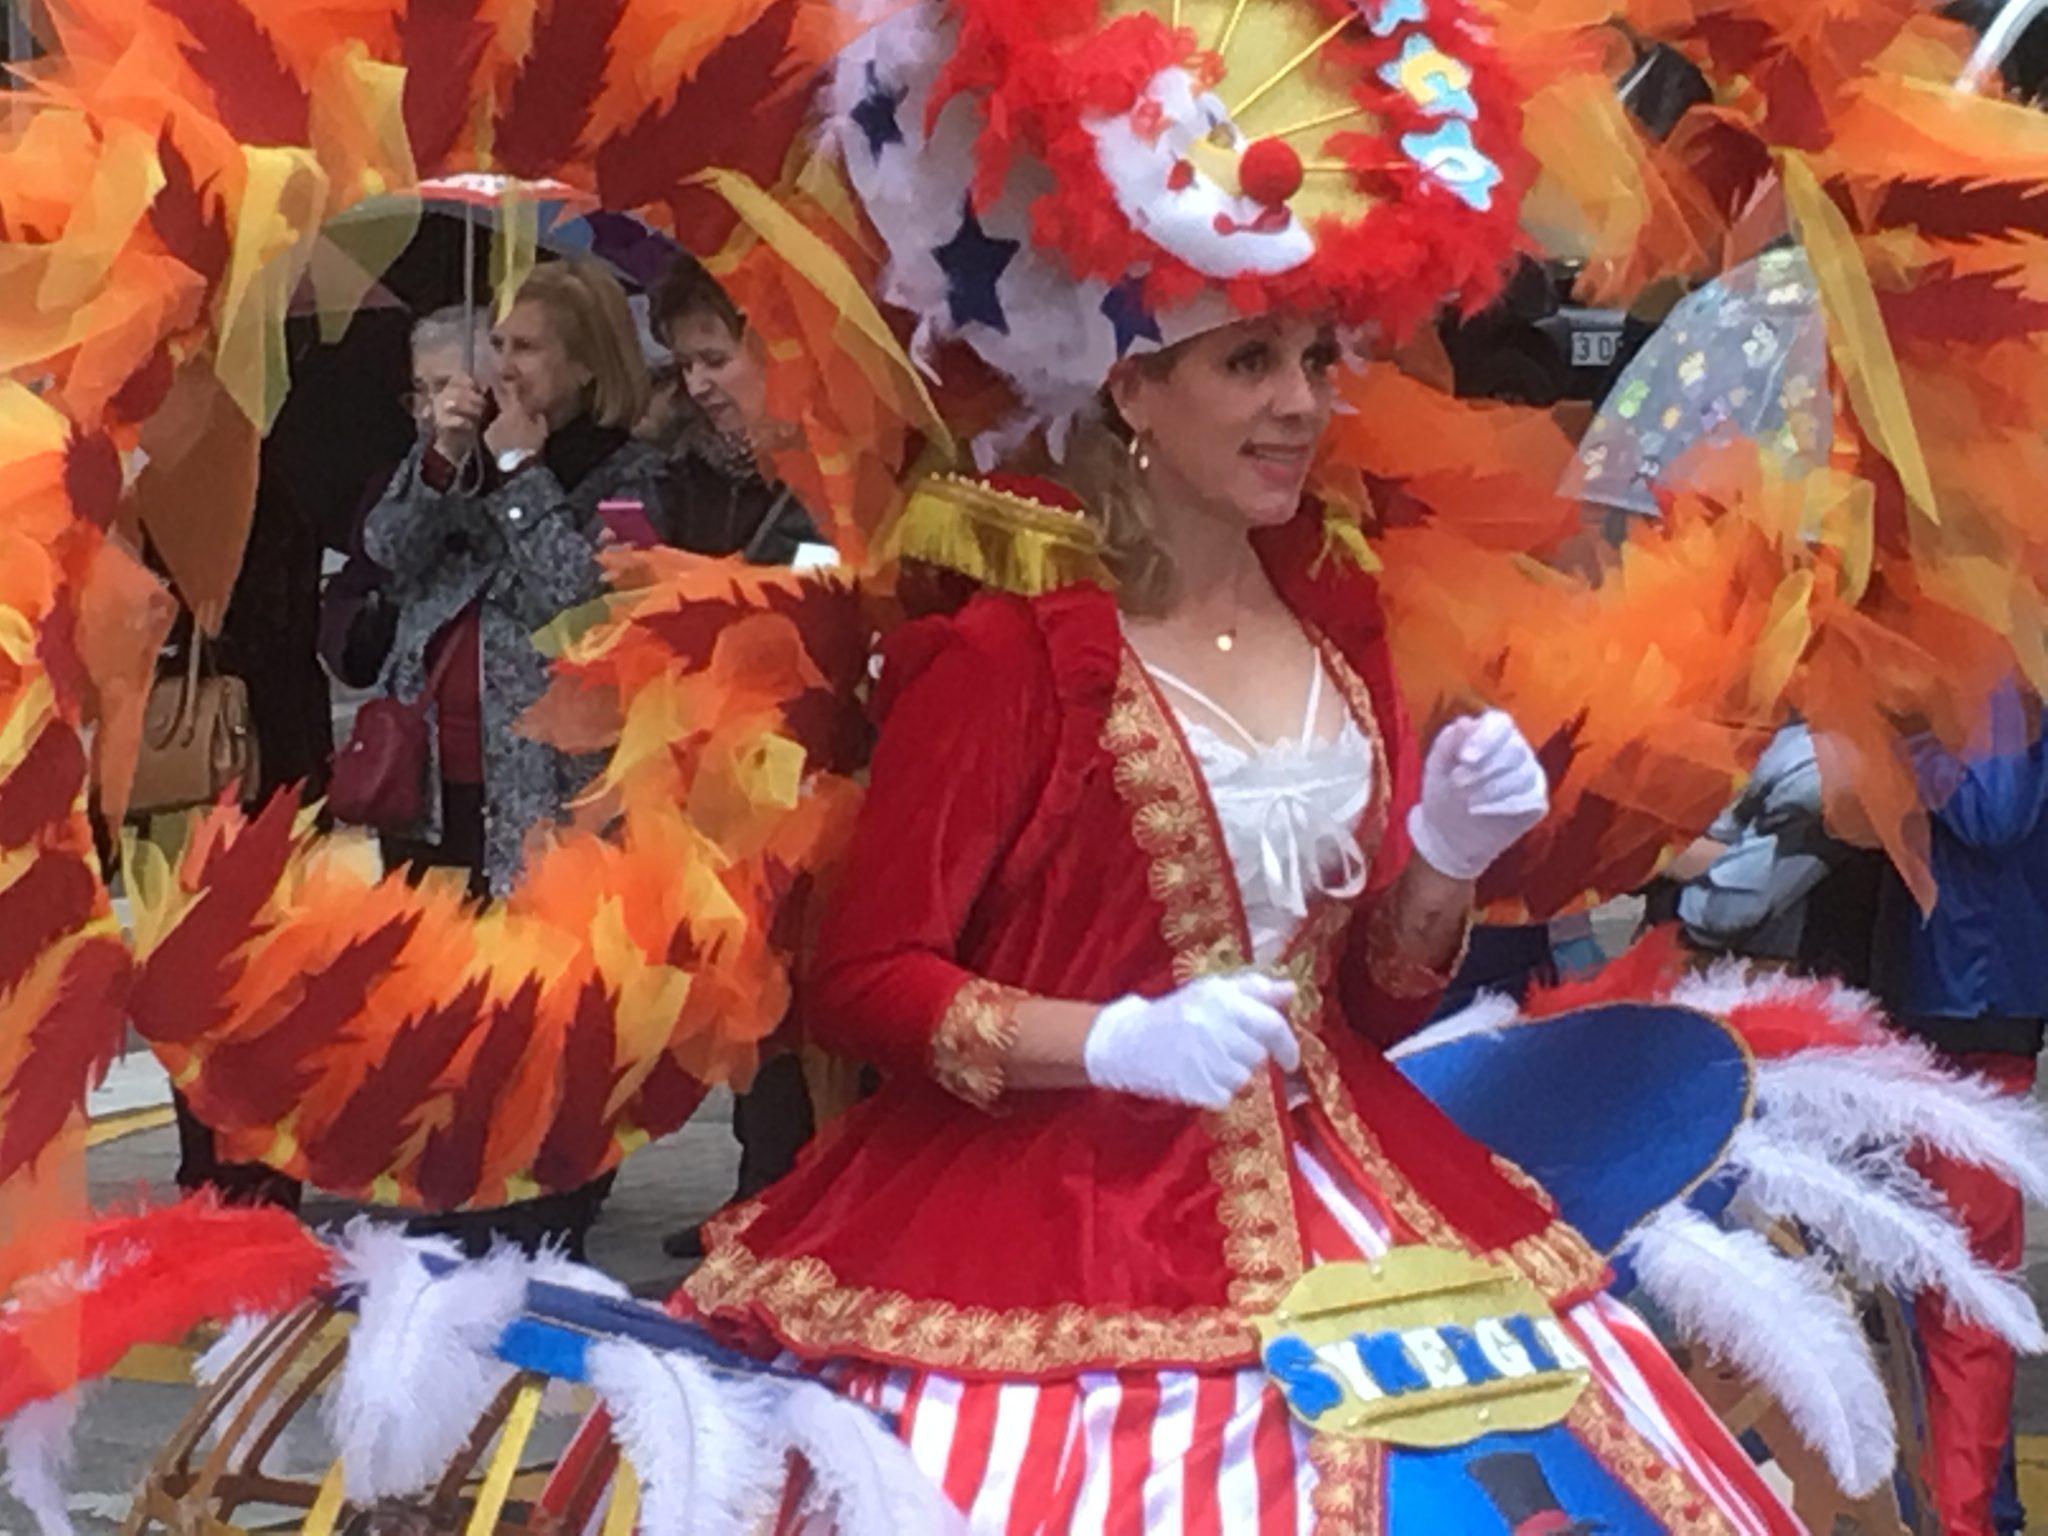 Álbum de fotos del martes de Carnaval 2019 en Ponferrada 15